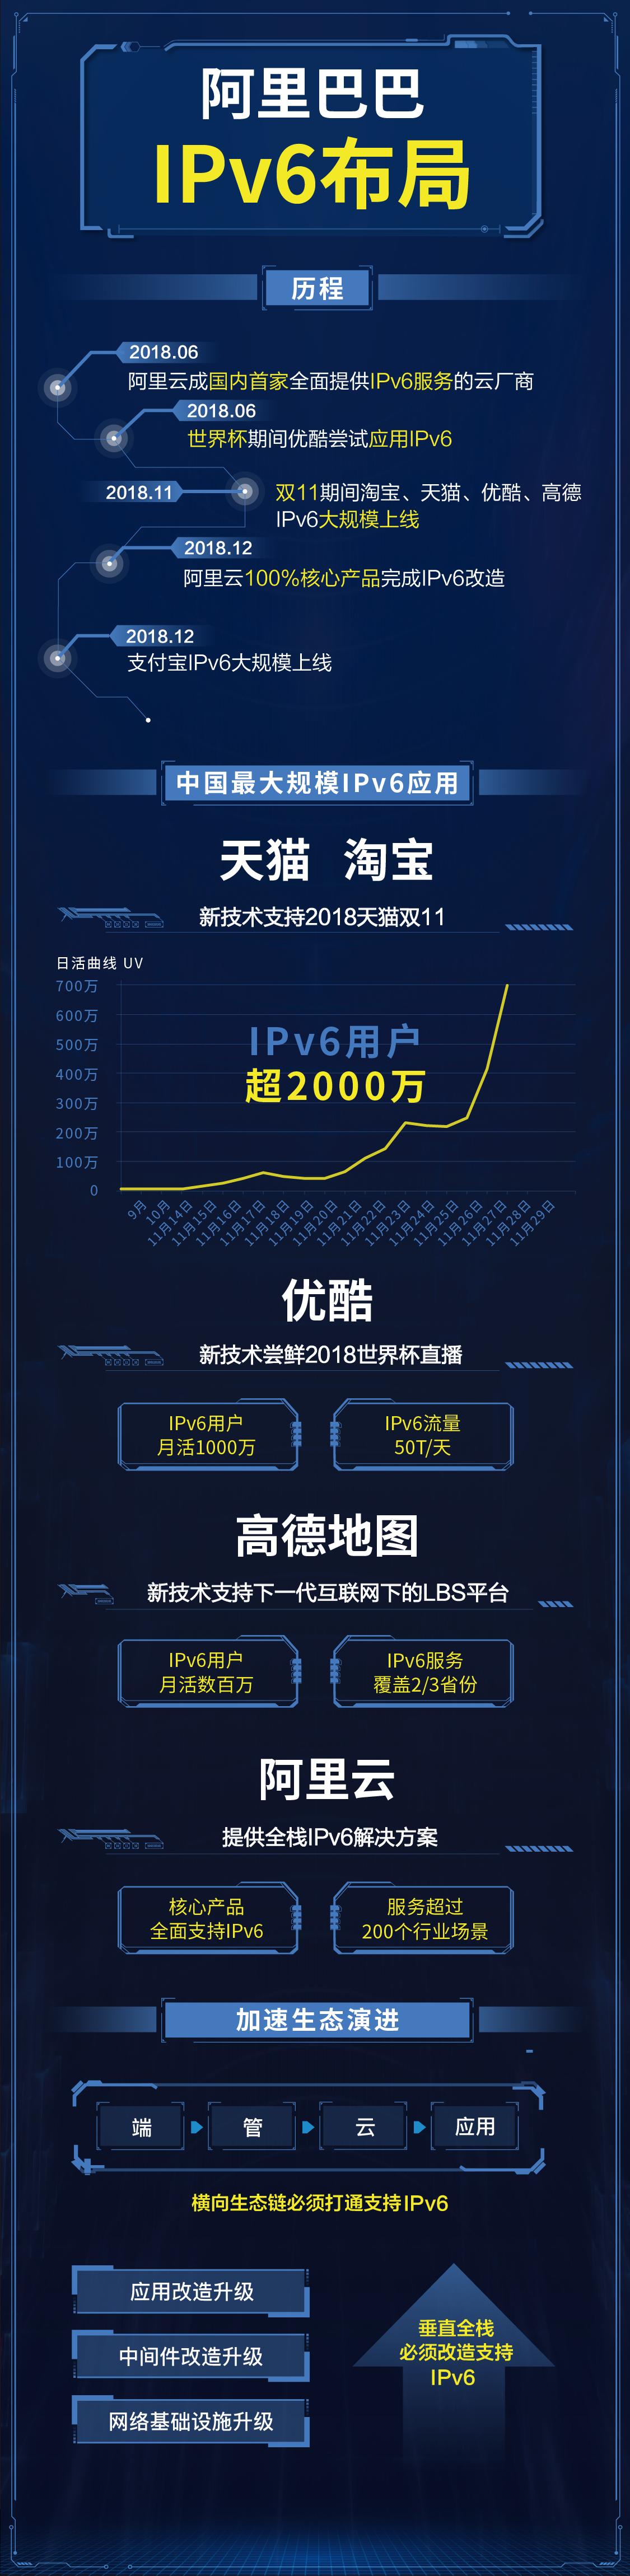 一张图看懂IPv6布局